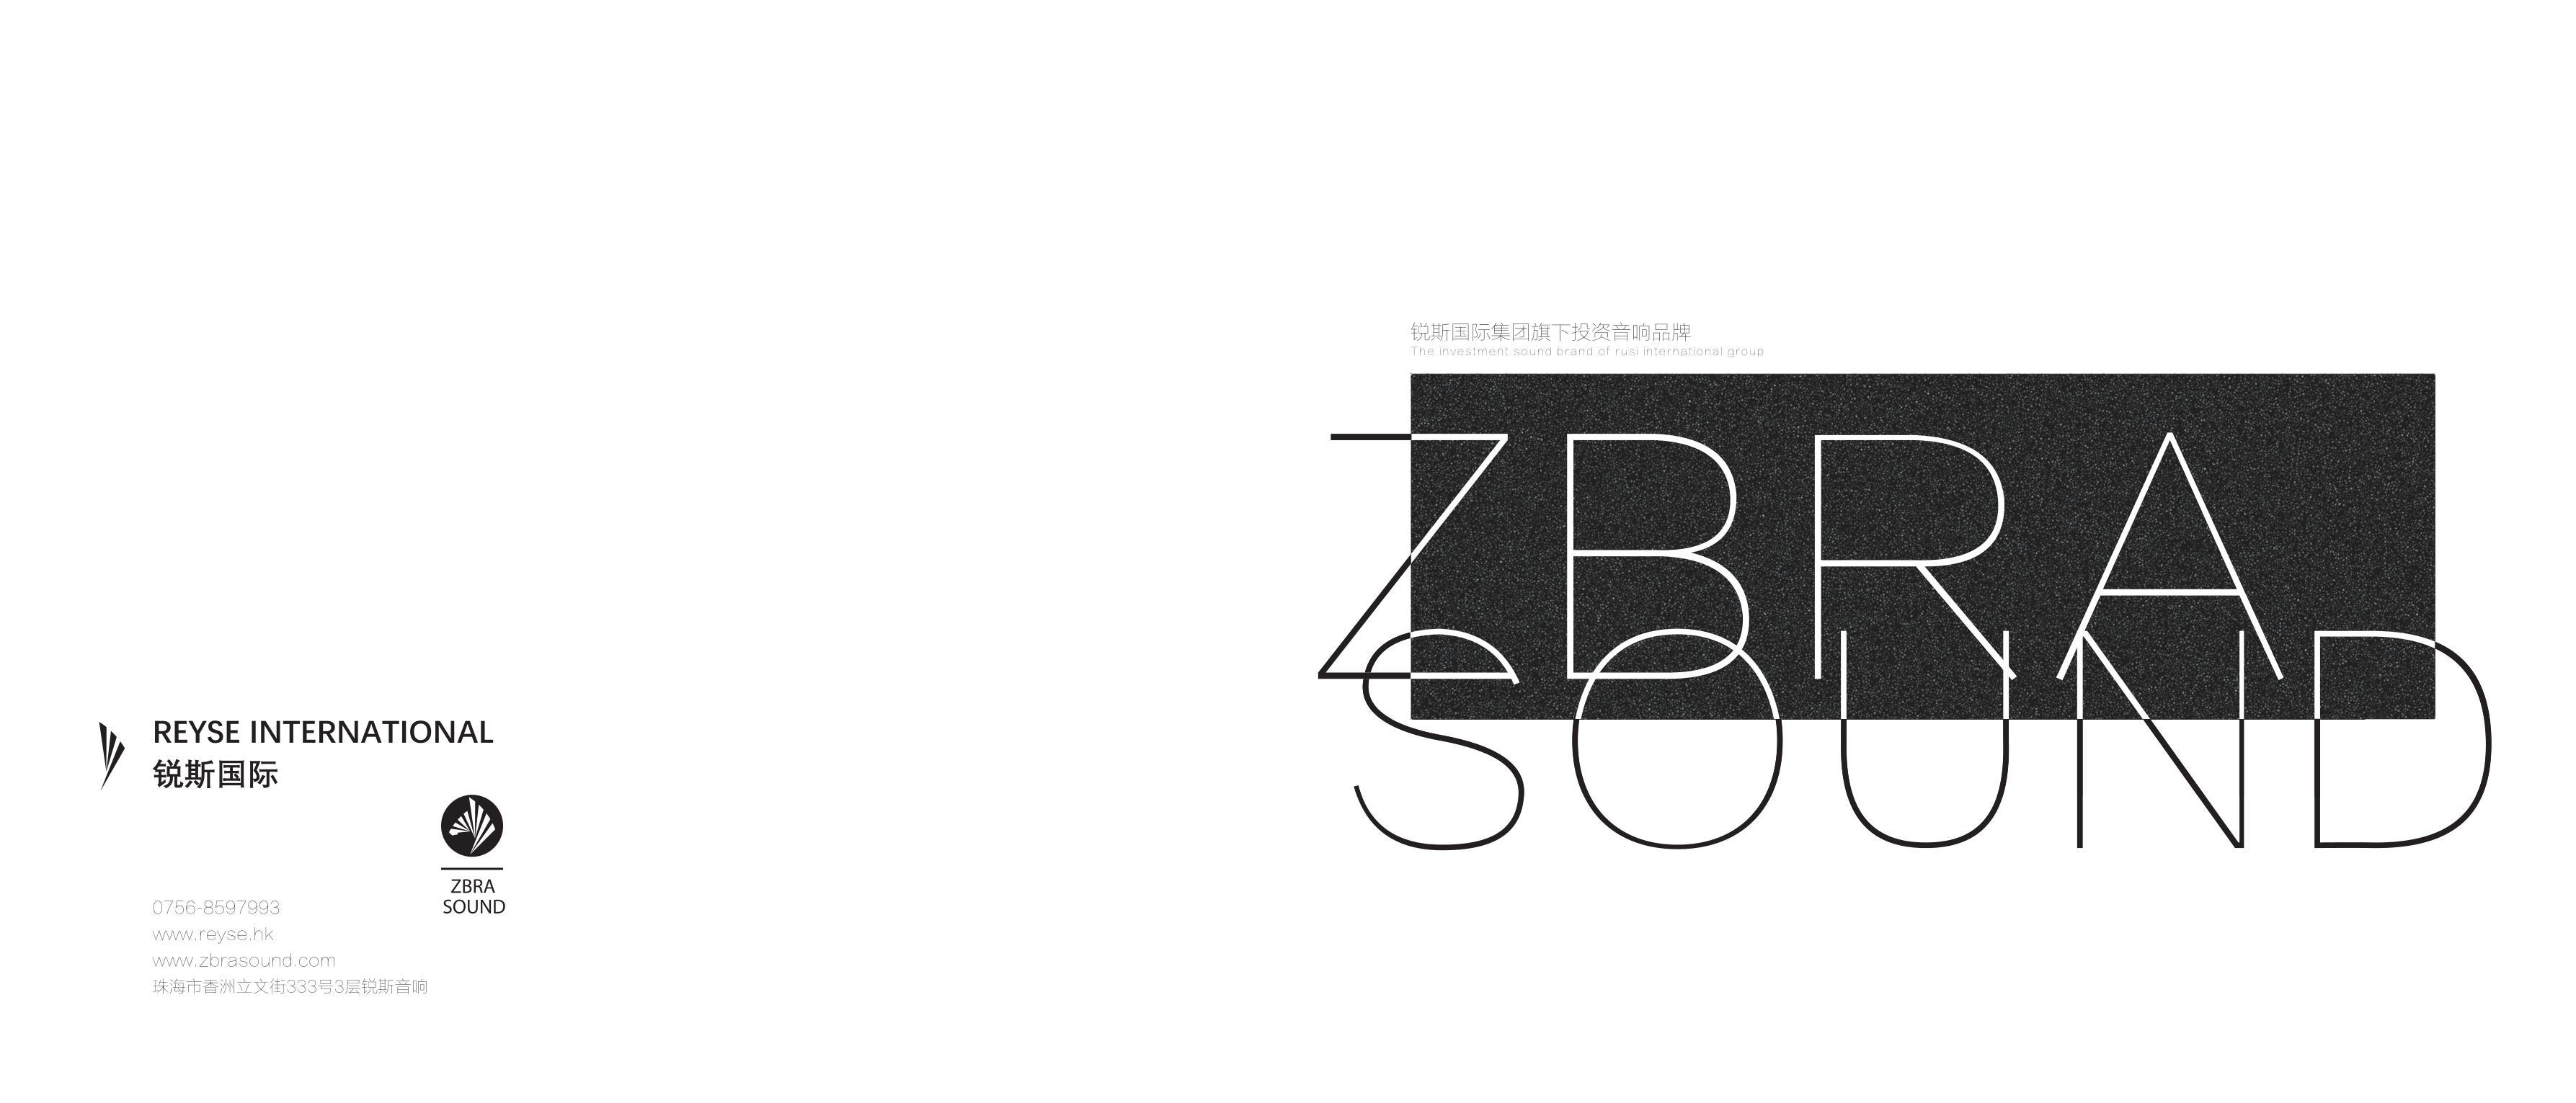 【画册设计】ZBRA高端音响画册设计